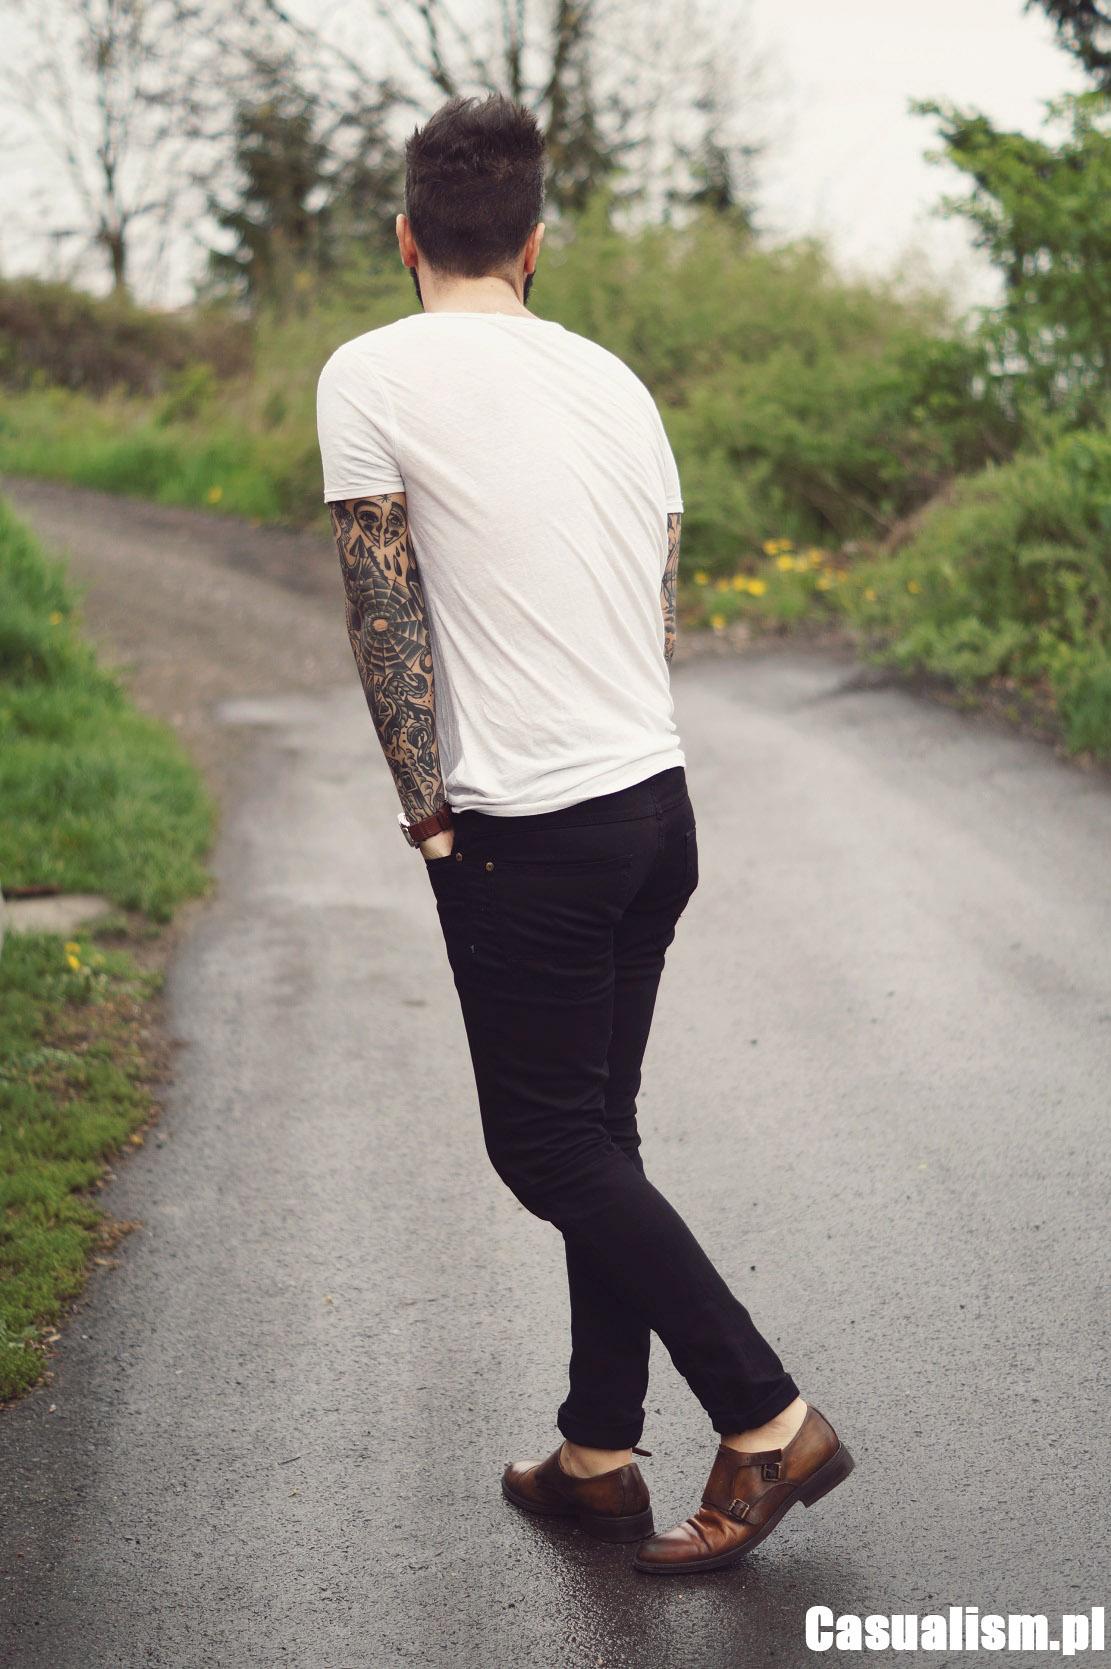 brąz z czernią, Biała koszulka, styl streetwear, męski styl uliczny, męski styl, męskie ubrania, czarne jeansy męskie, buty monk, monki buty.